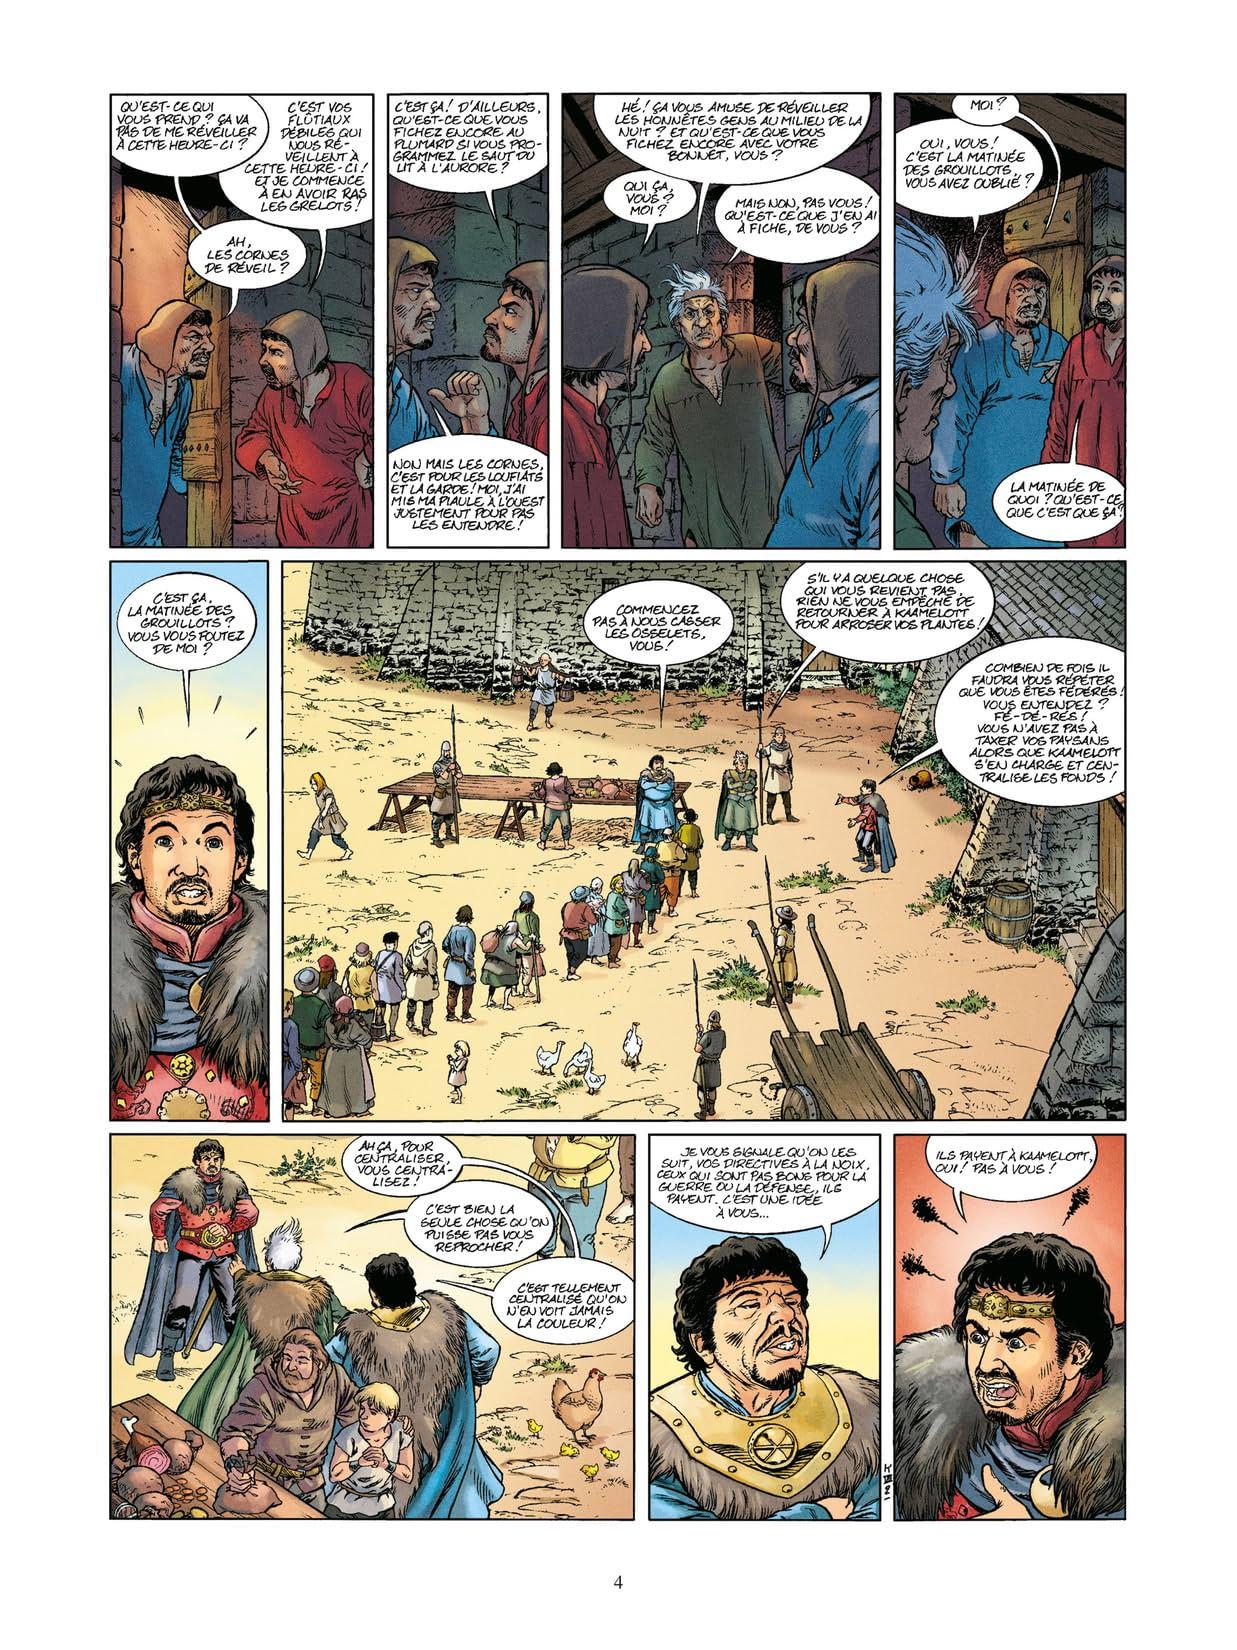 Kaamelott Vol. 7: Contre-attaque en Carmélide